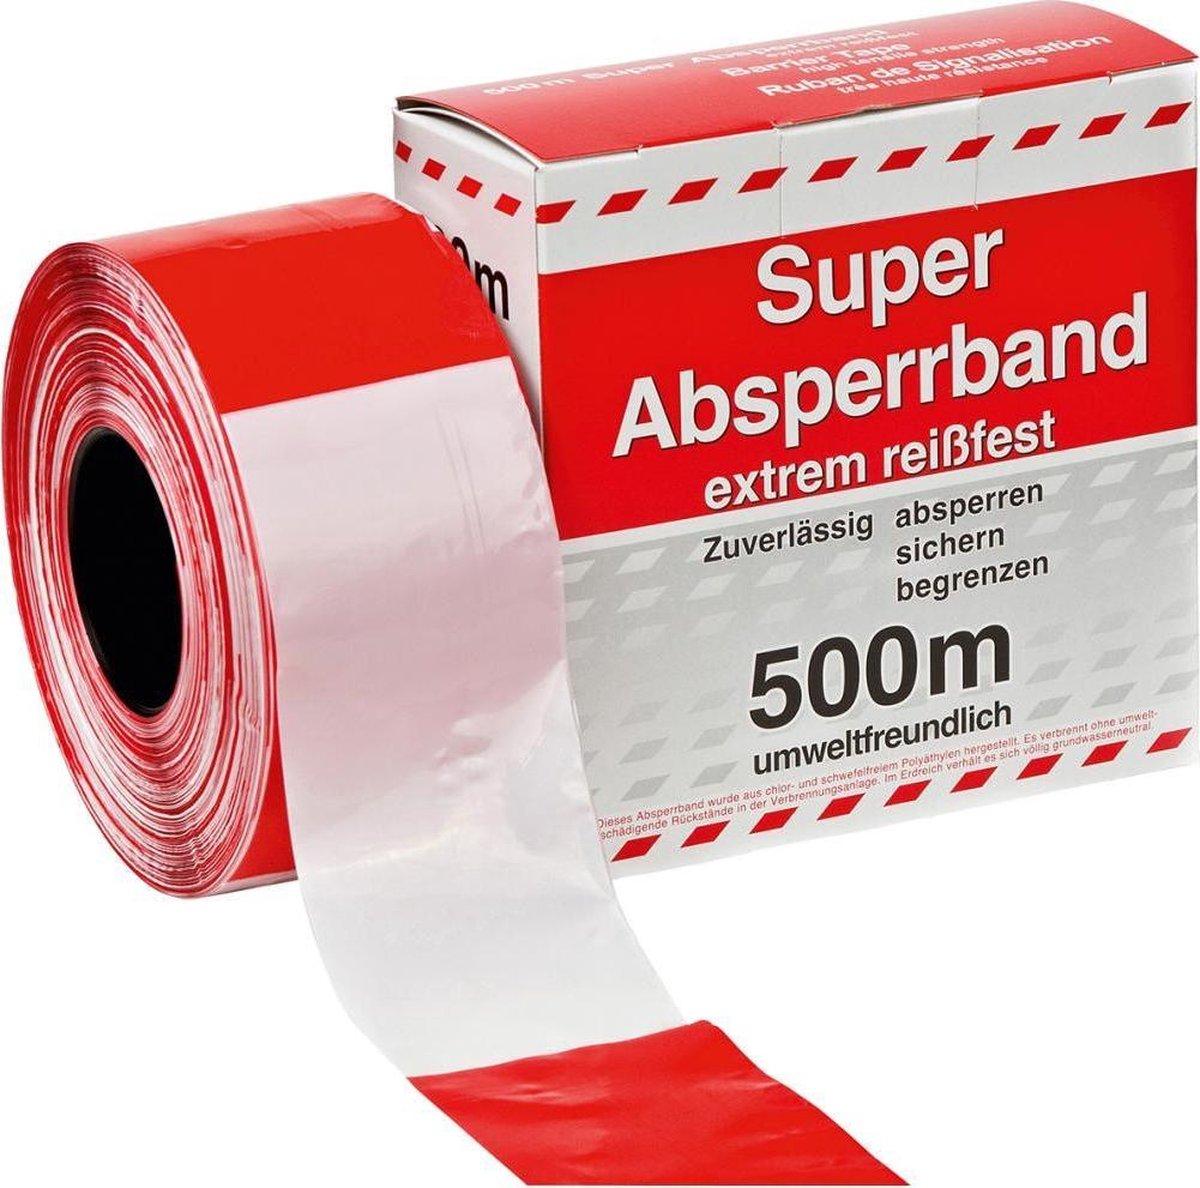 Afzetlint rood/wit 500 meter in dispenserdoos